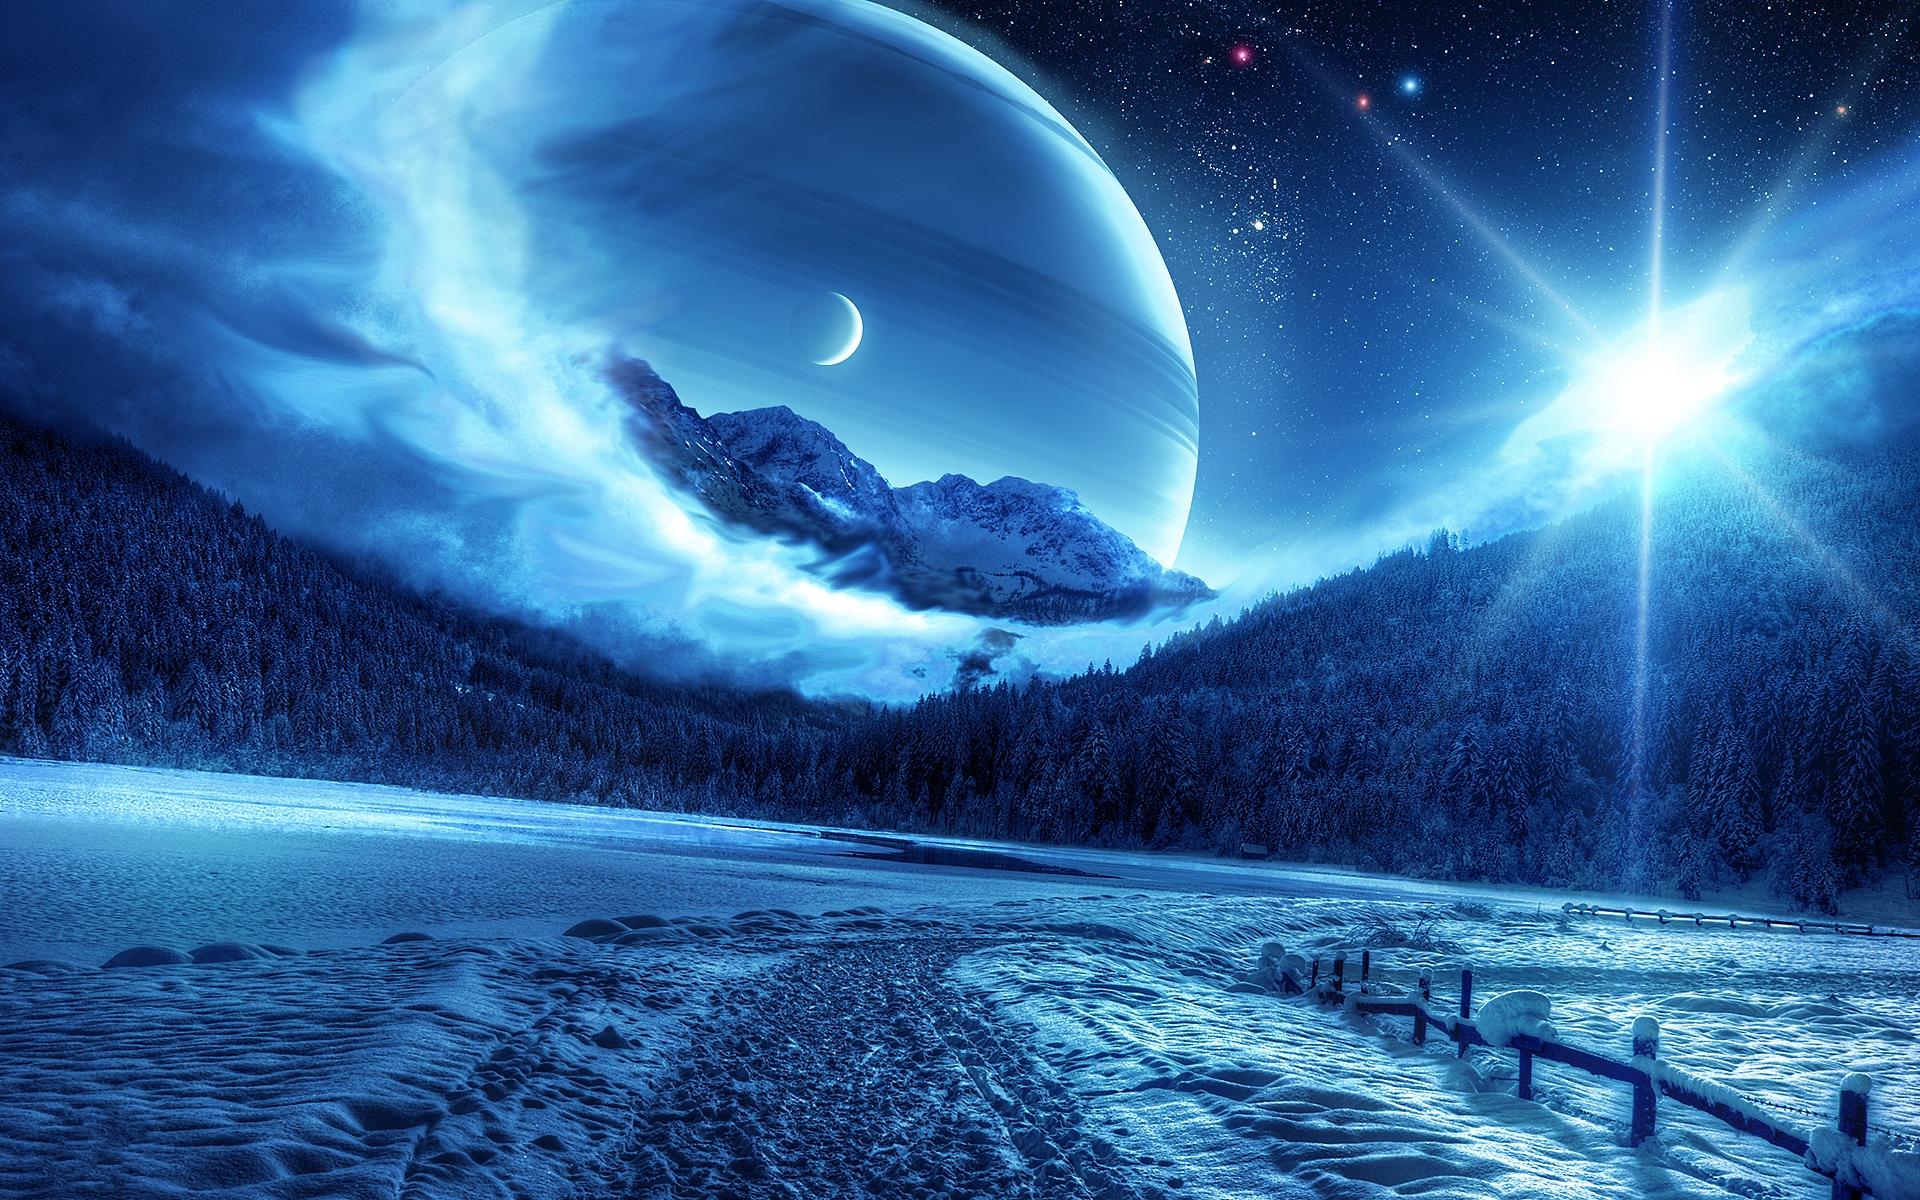 sci fi planet wallpaper - photo #13